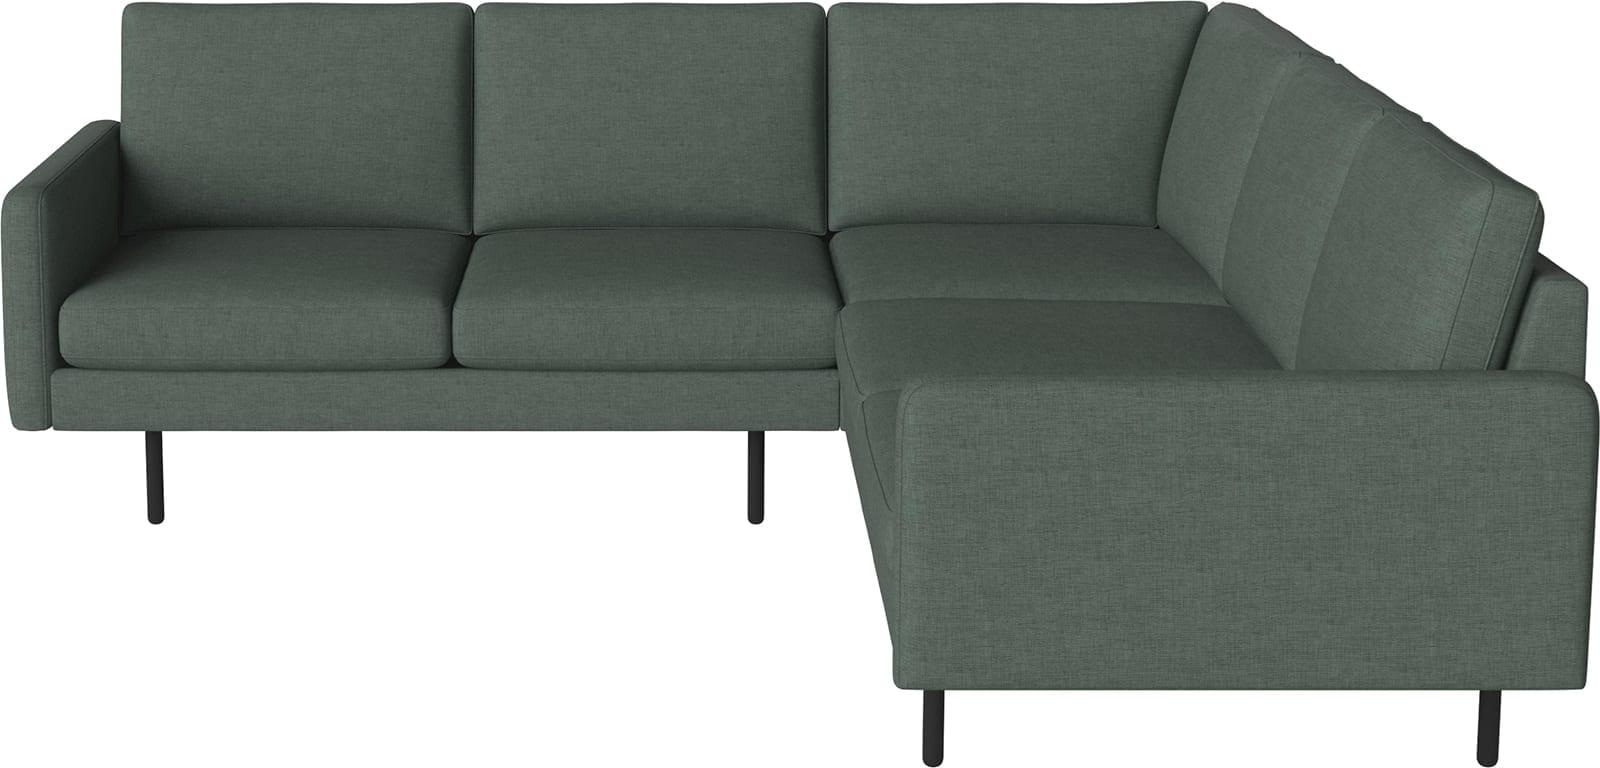 SCANDINAVIA REMIX 5 seater corner sofa (2 corner 2)